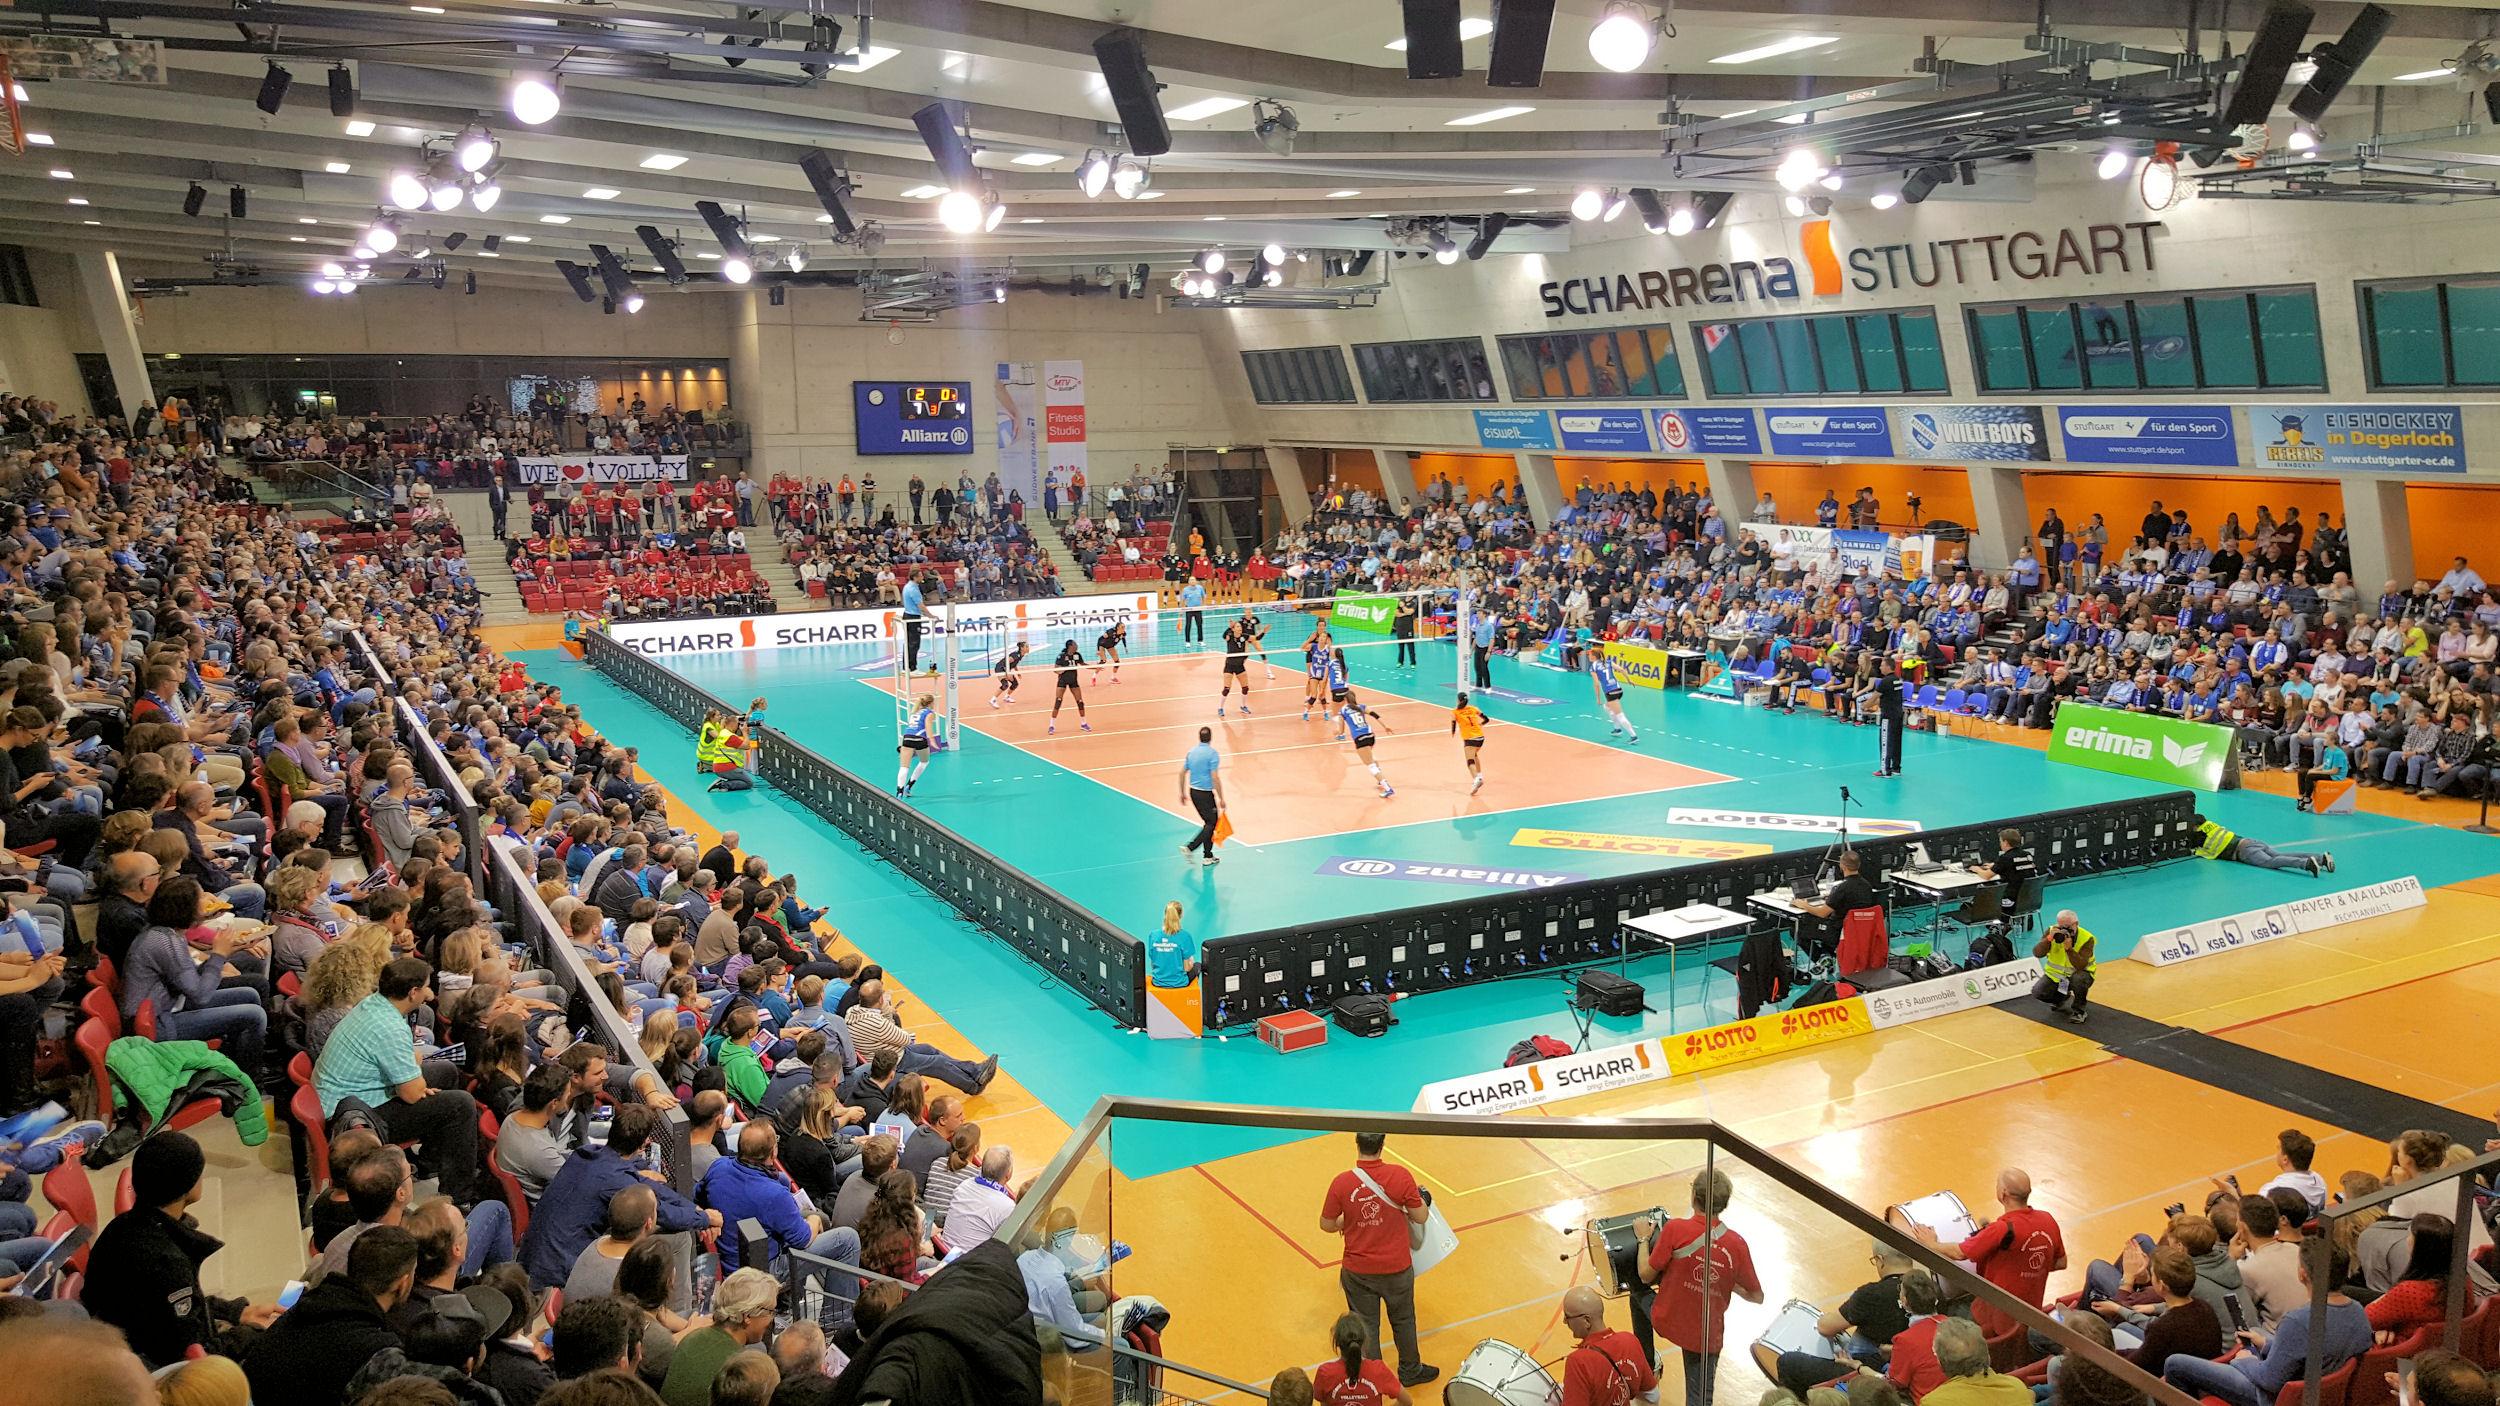 Allianz MTV Stuttgart - Familienticket (2E+3K) 20 EUR nur am Sonntag 13.11. - 1. BL Volleyball Frauen